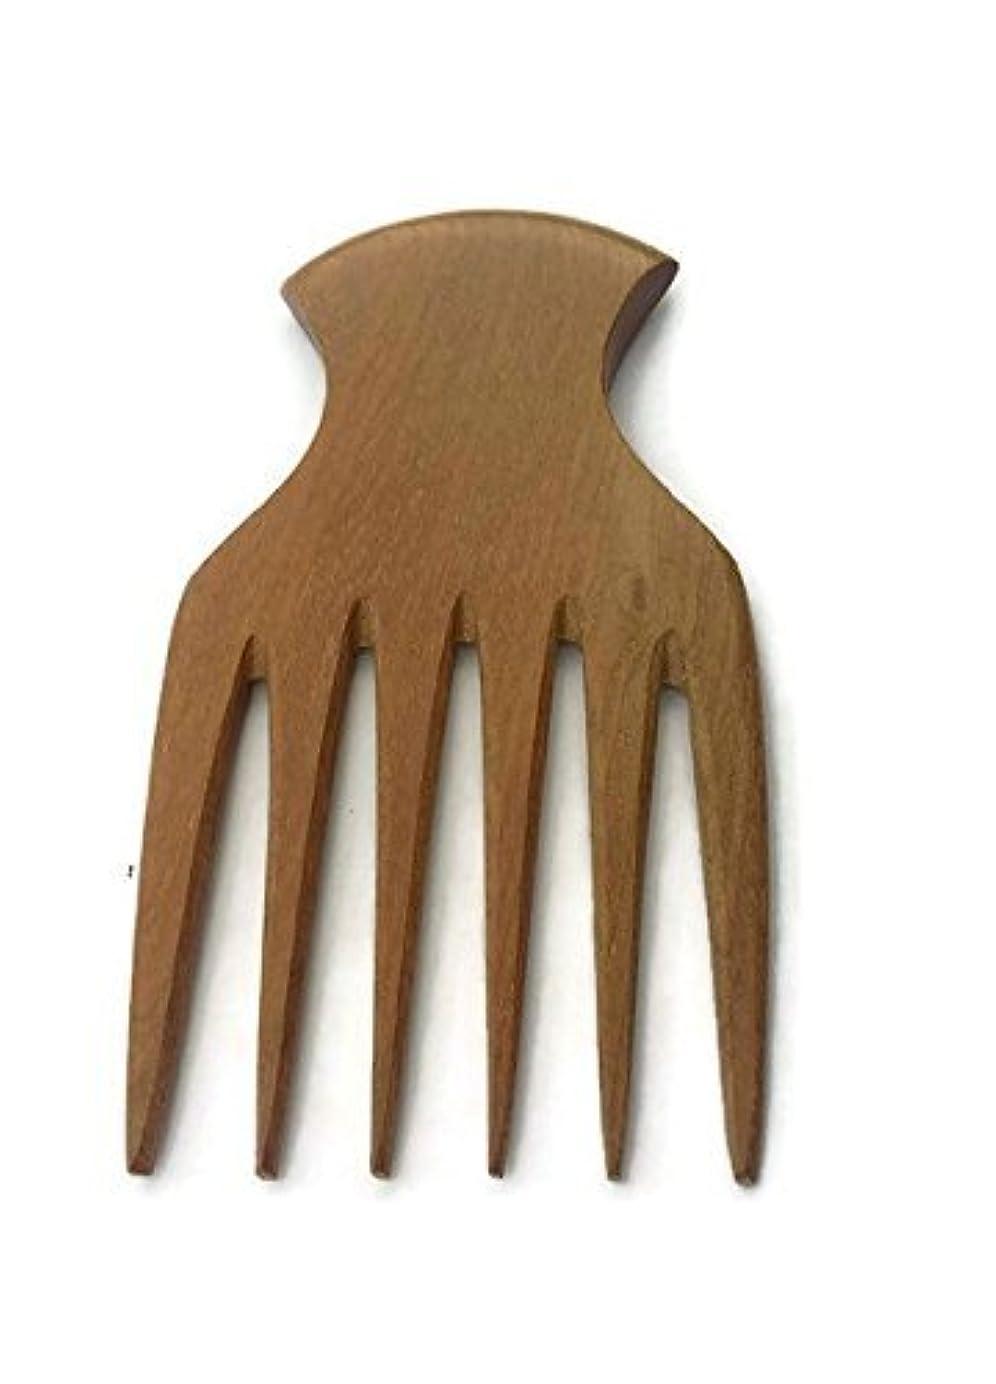 早い偽善者発行するPlai Na natural wood comb afro pick handmade for thick and curly hair [並行輸入品]